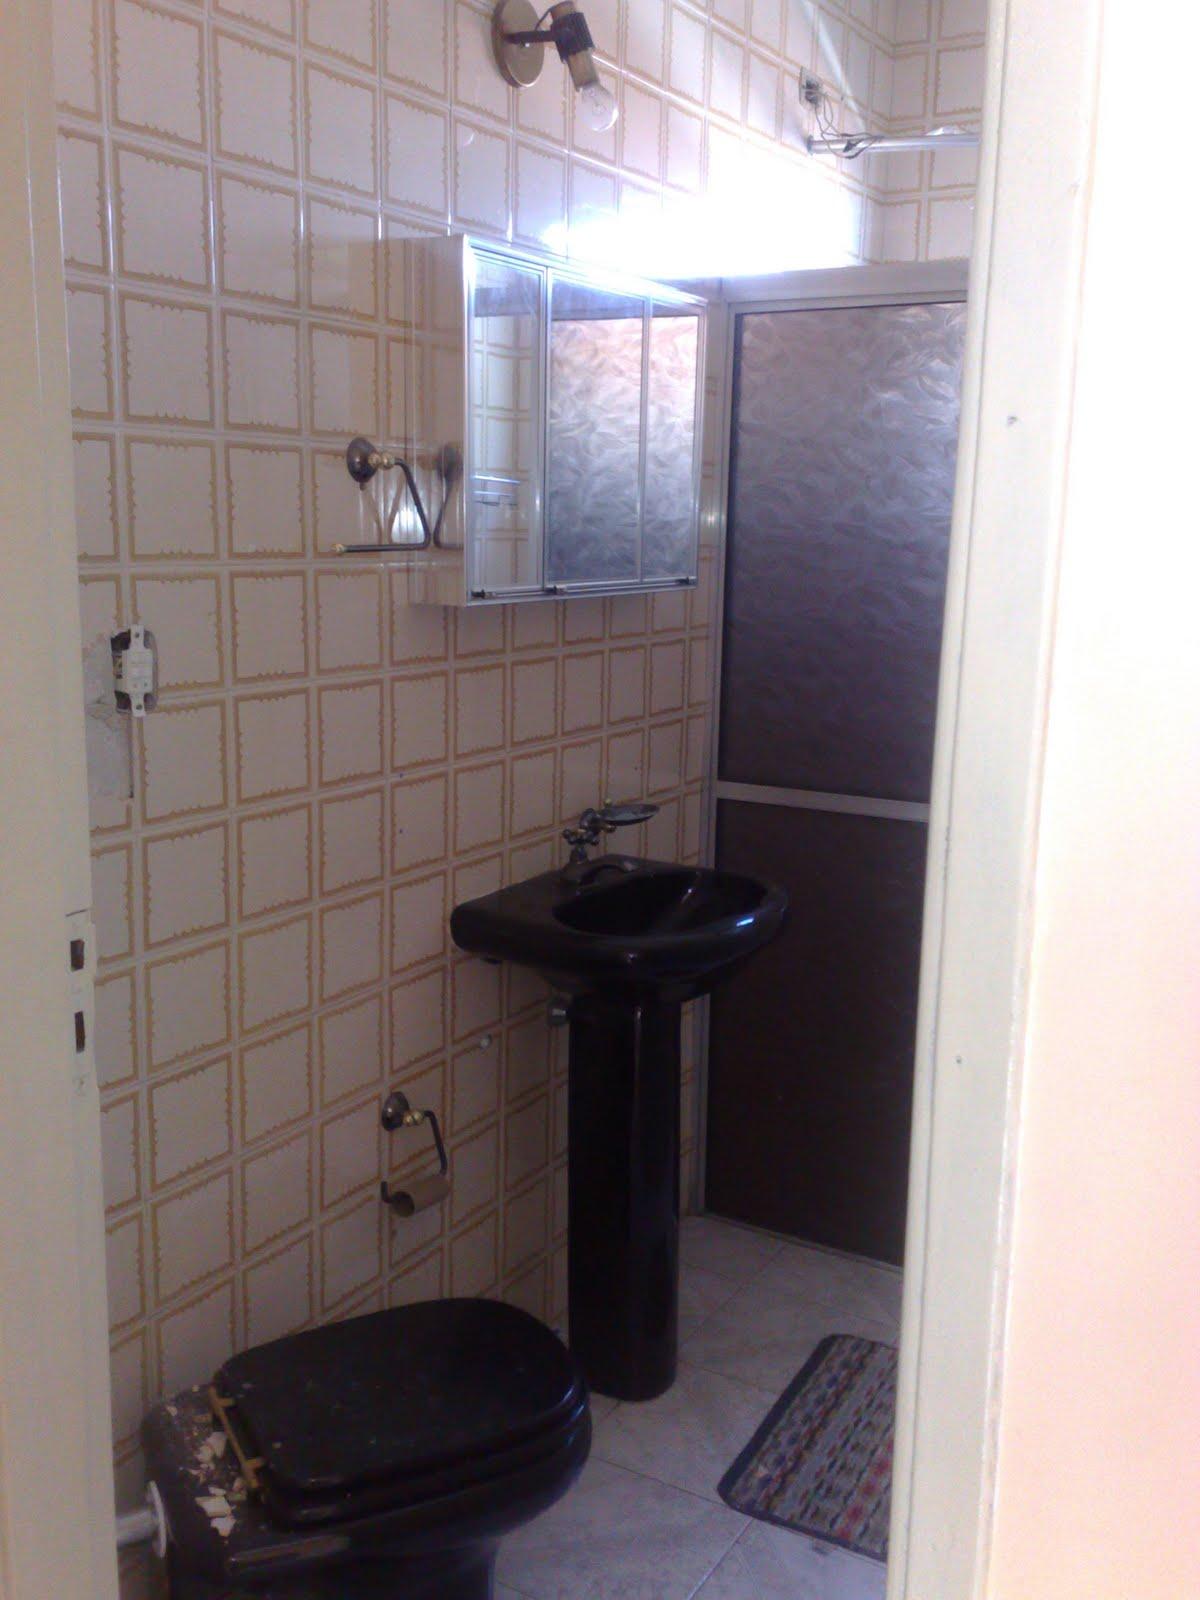 Encanamento Do Banheiro Entupido  gotoworldfrcom decoração de banheiro simp -> Decoracao Ecologica Banheiro